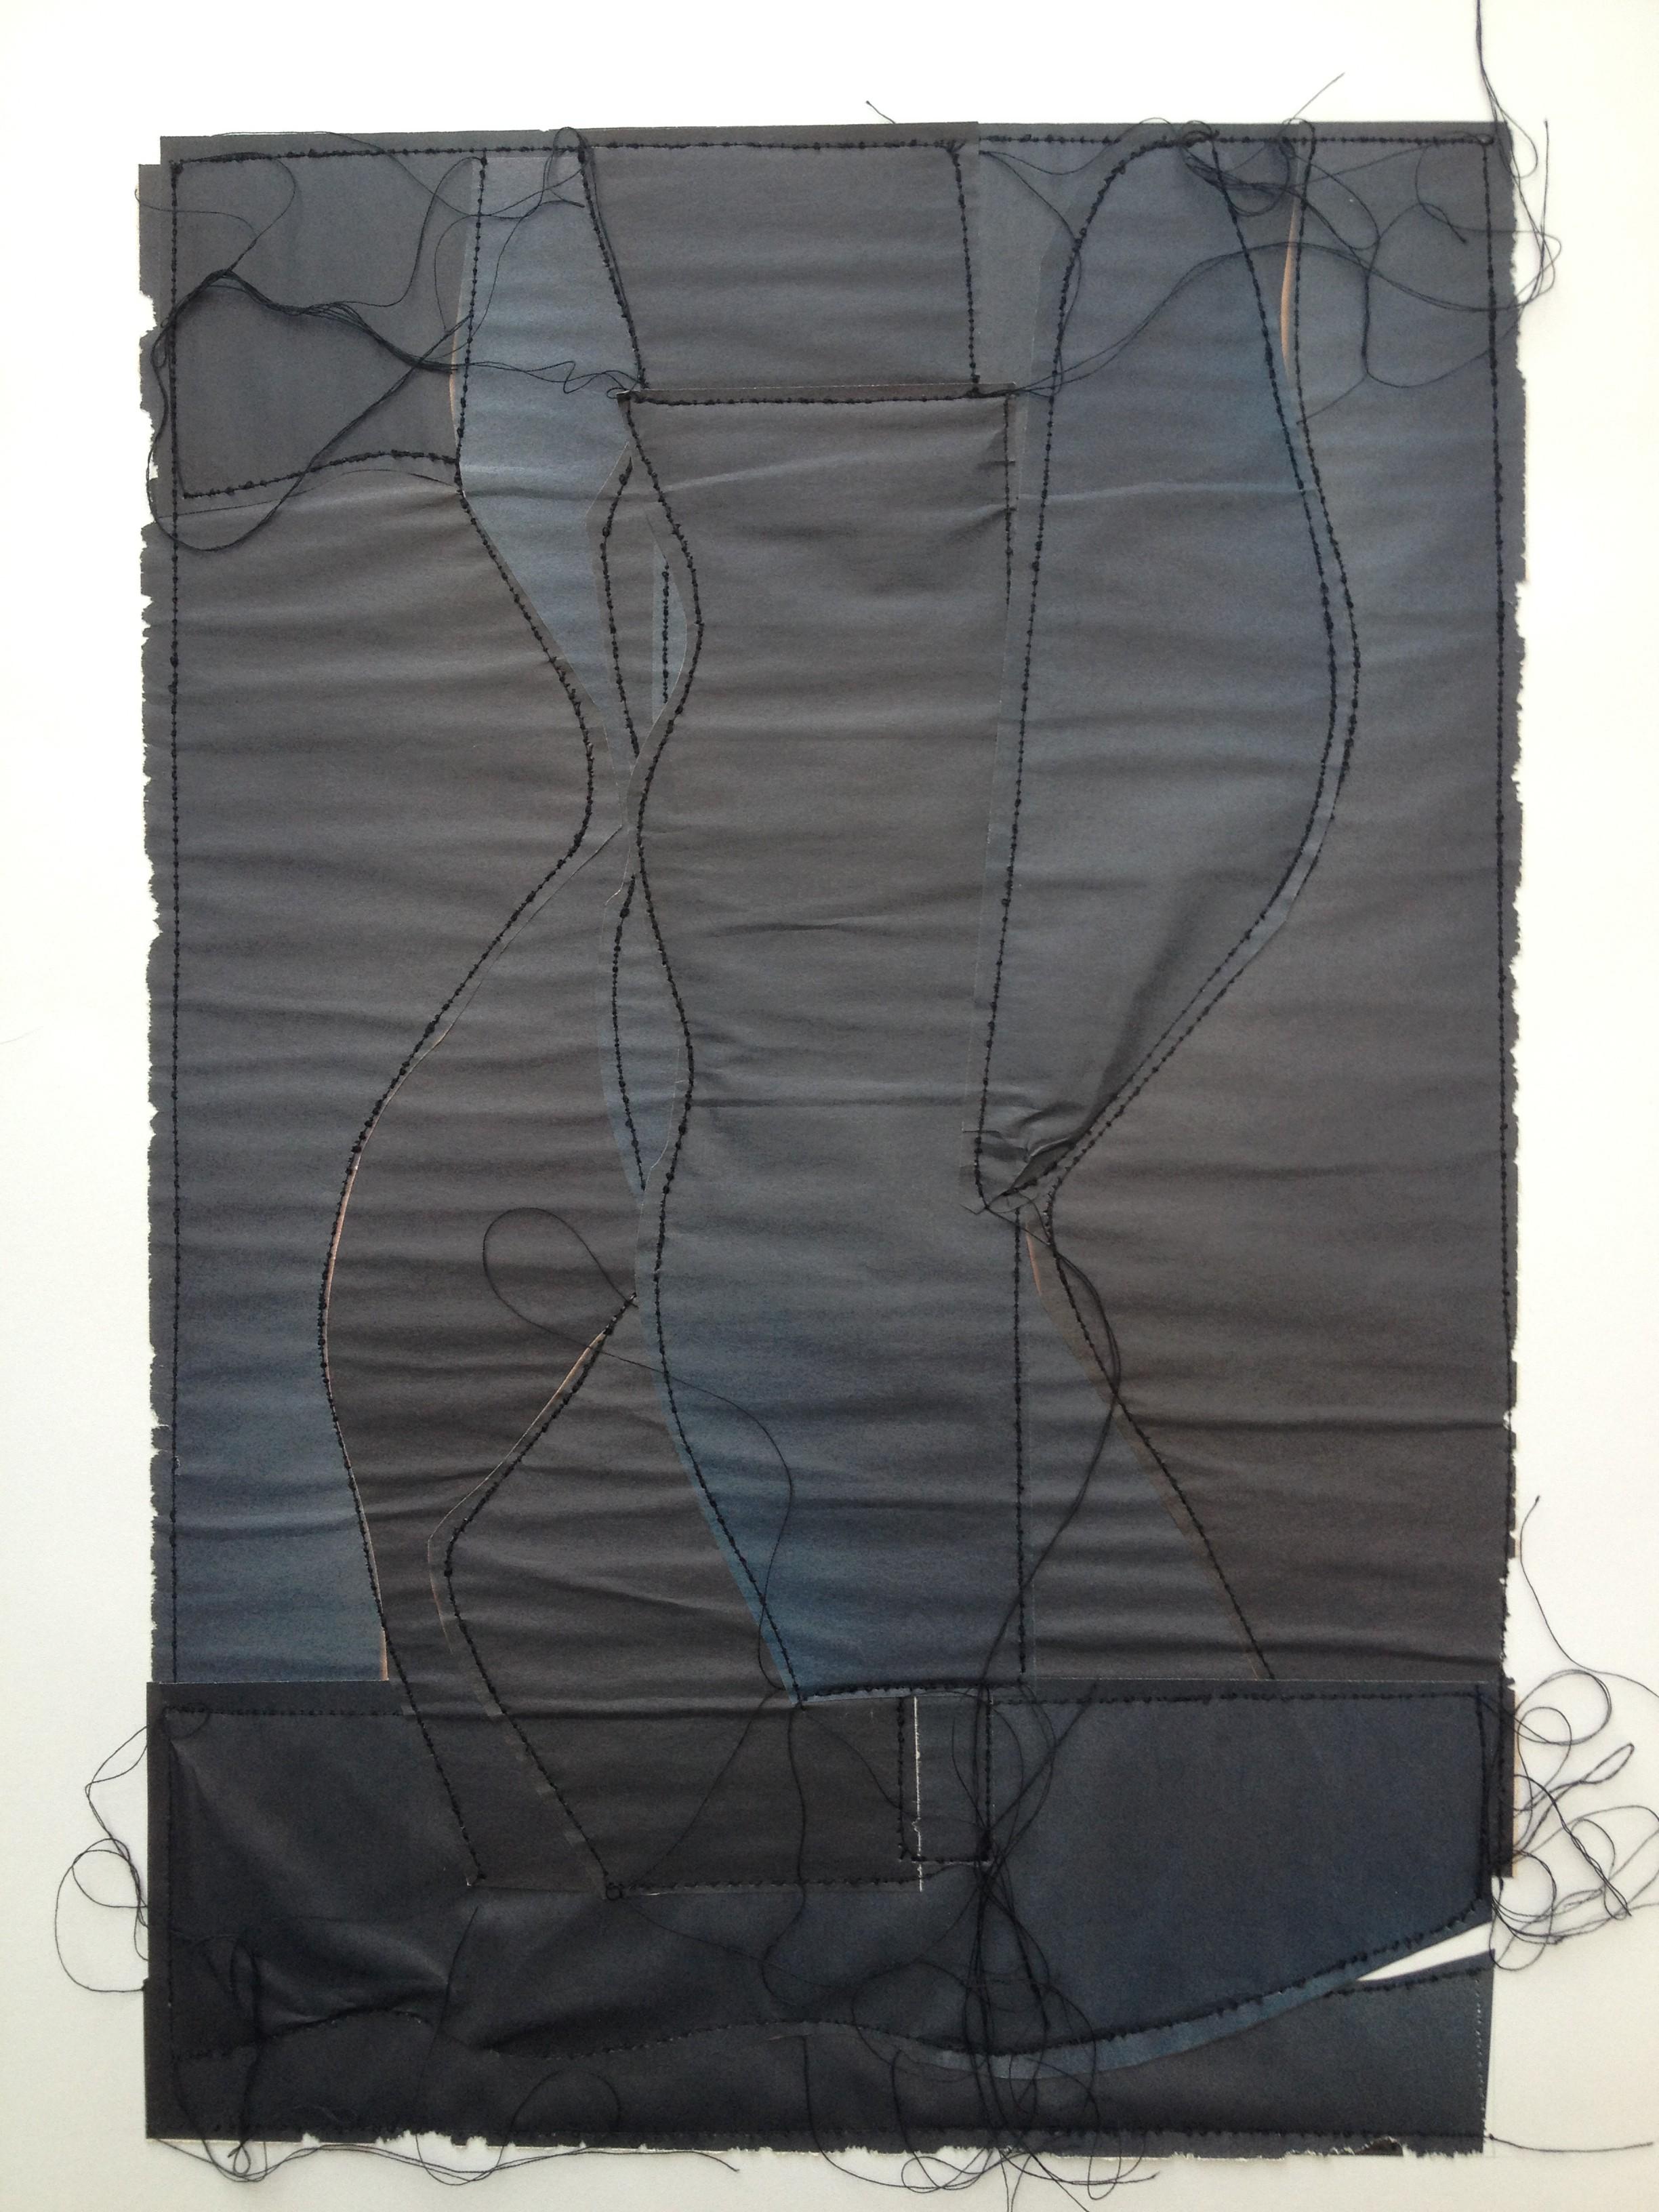 fils noirs, papiers sur Canson 50x65 cm